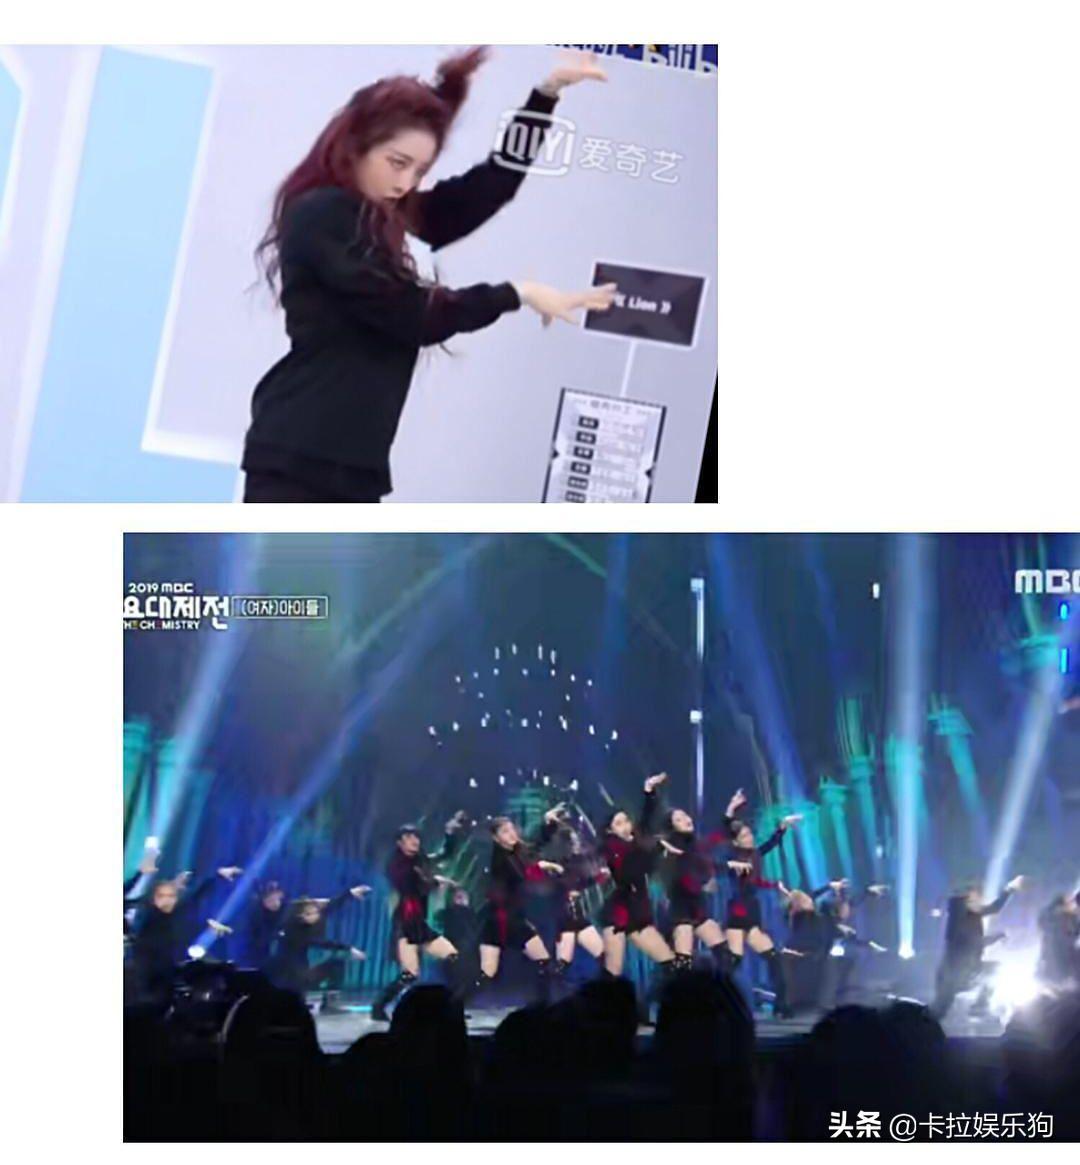 青你2《lion》抄袭韩团gidle的同名歌曲?舞蹈、服装等元素都重合